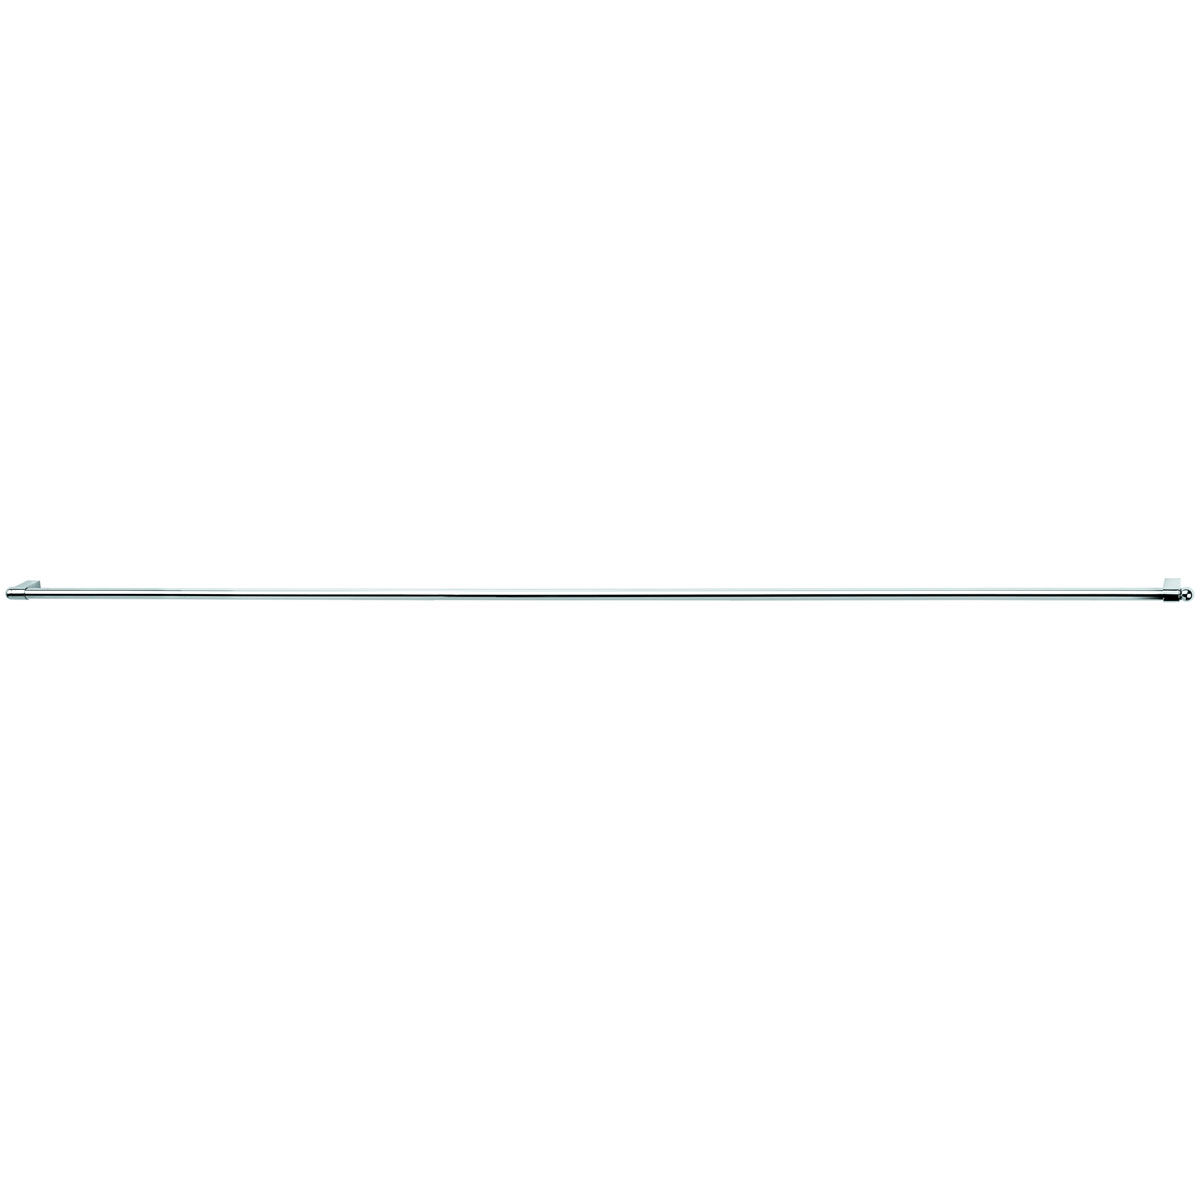 Рейлинг Esprado Platinos, с комплектом крепежа, 1 м. 0011610E2012251Рейлинг Platinos, выполненный из стали с никель-хромовым покрытием, прекрасно подойдет для ванной комнаты. Рейлинг можно использовать для развешивания полотенец, мочалок и других аксессуаров. Благодаря стильному современному дизайну рейлинг впишется в интерьер любой кухни или ванной комнаты. В комплекте: рейлинг, 2 заглушки, 2 держателя.